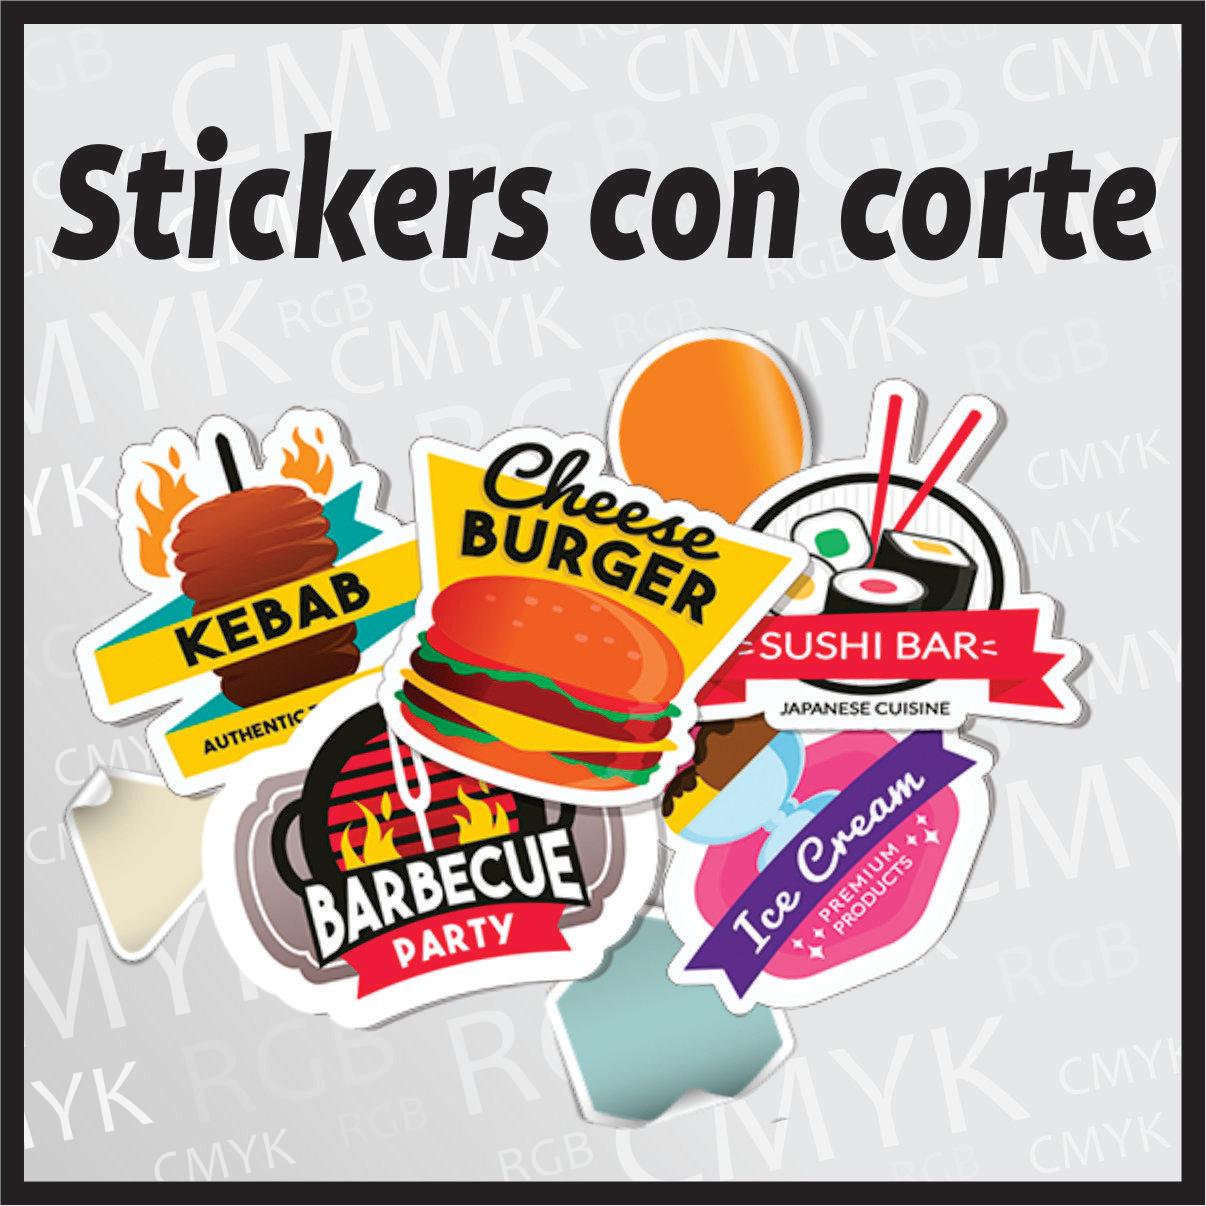 Stickers con corte